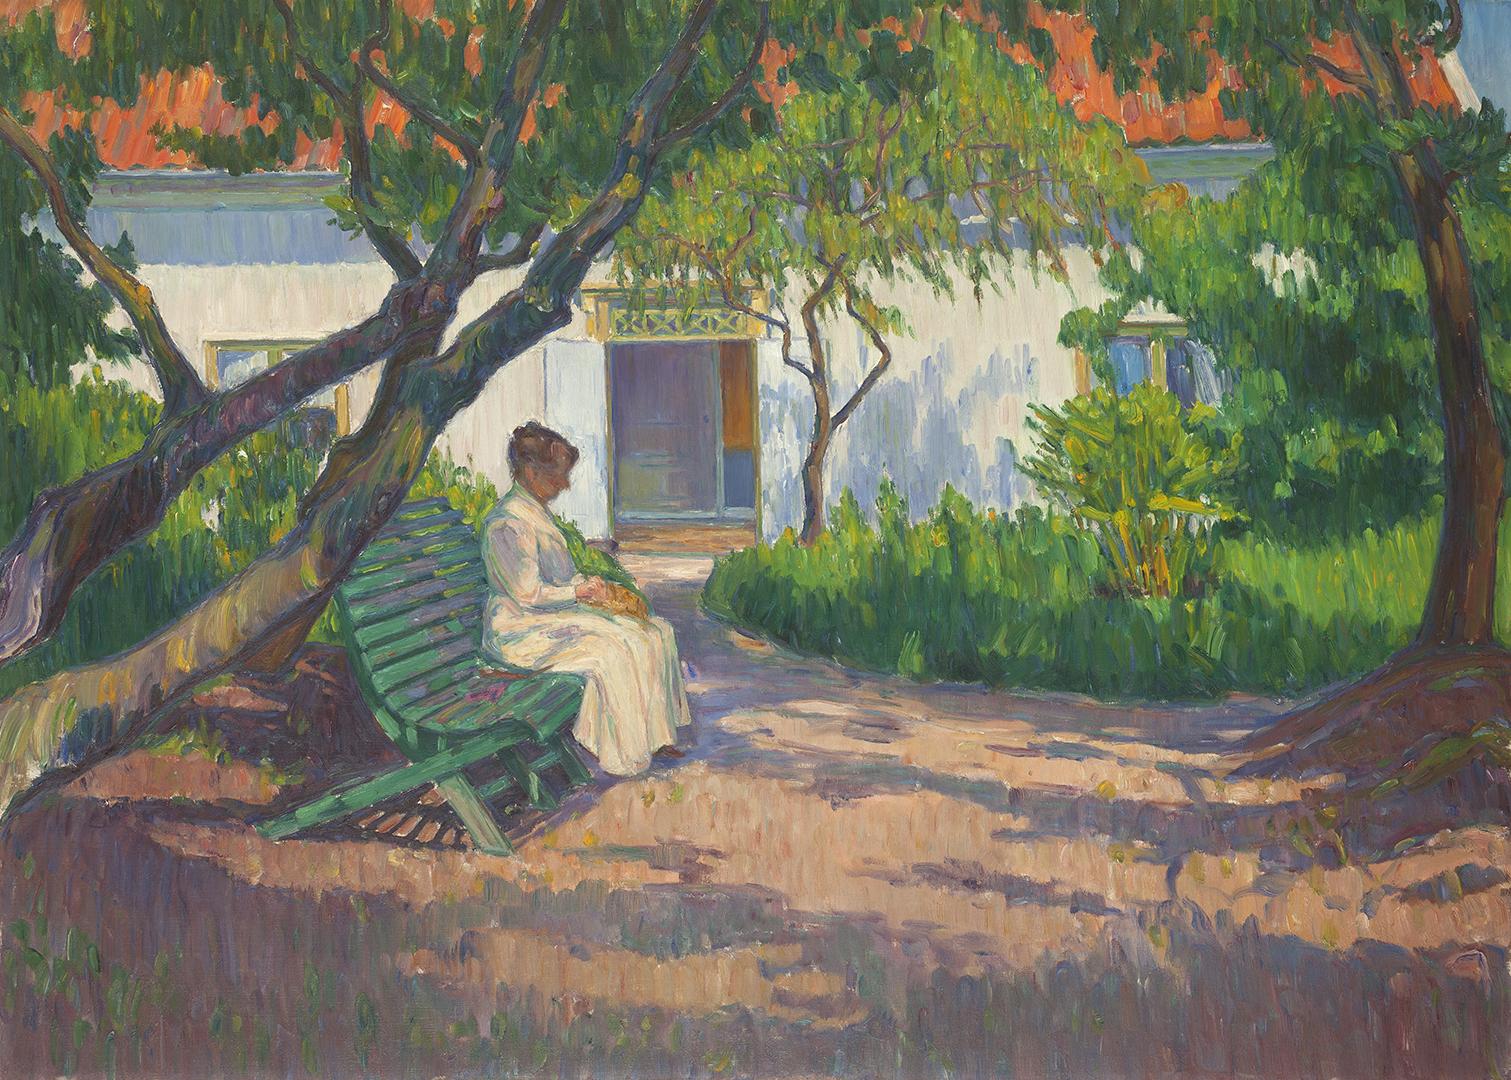 Målningen visar en vitklädd kvinna som sitter på en bänk i en lummig trädgård. I bakgrunden ett hus med öppen dörr.